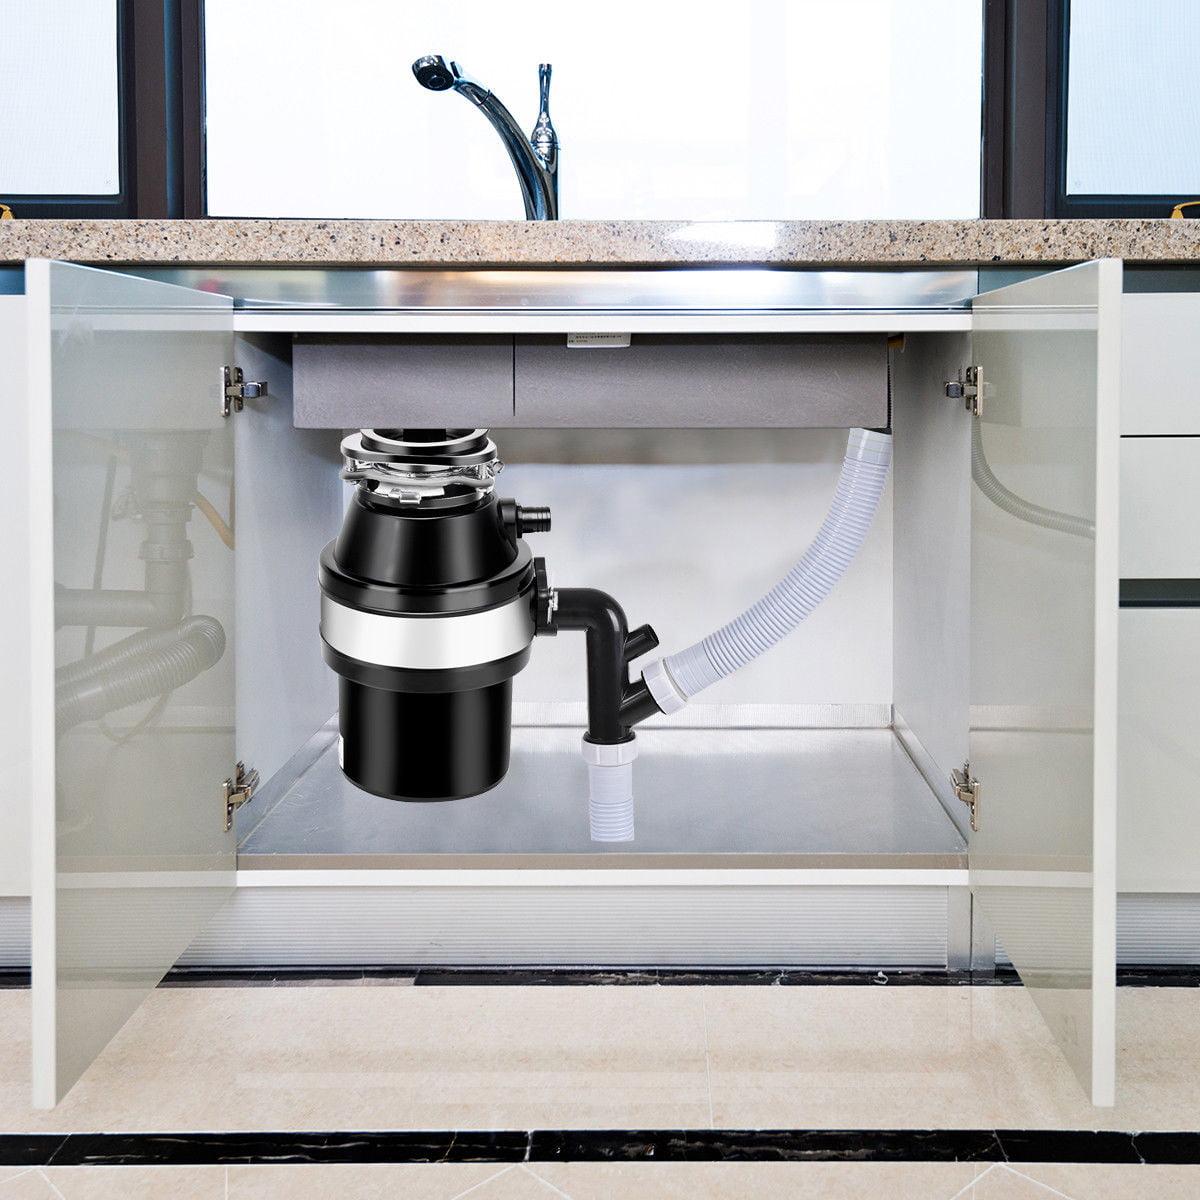 1.0HP 2600RPM Garbage Disposal Kitchen Waste Disposer